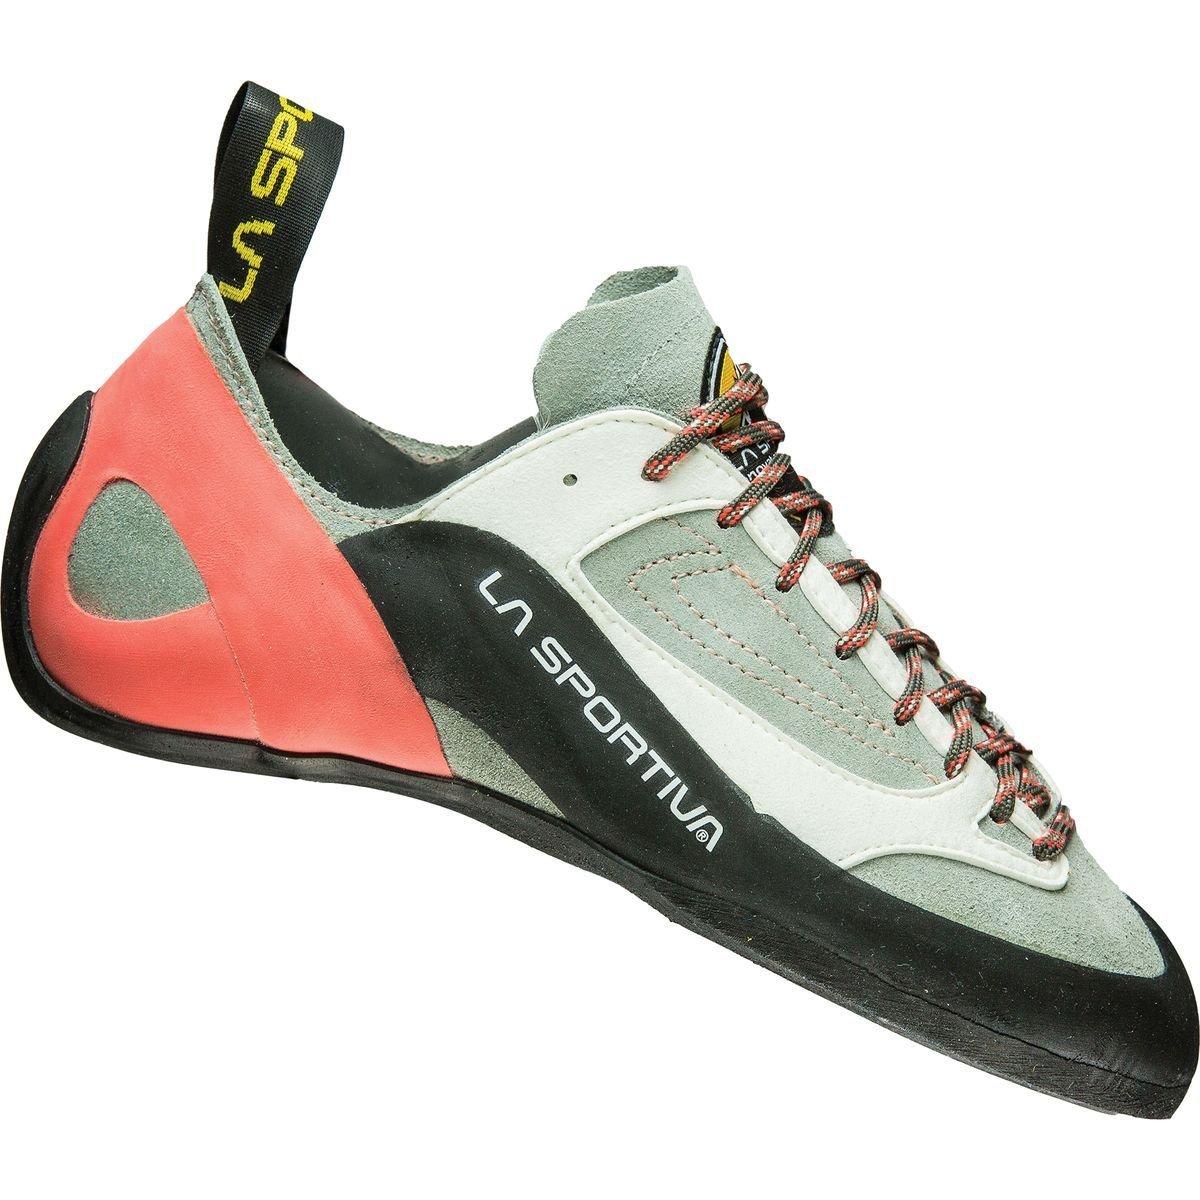 La Sportiva Finale Climbing Shoe - Women's 10W-GC-33.5